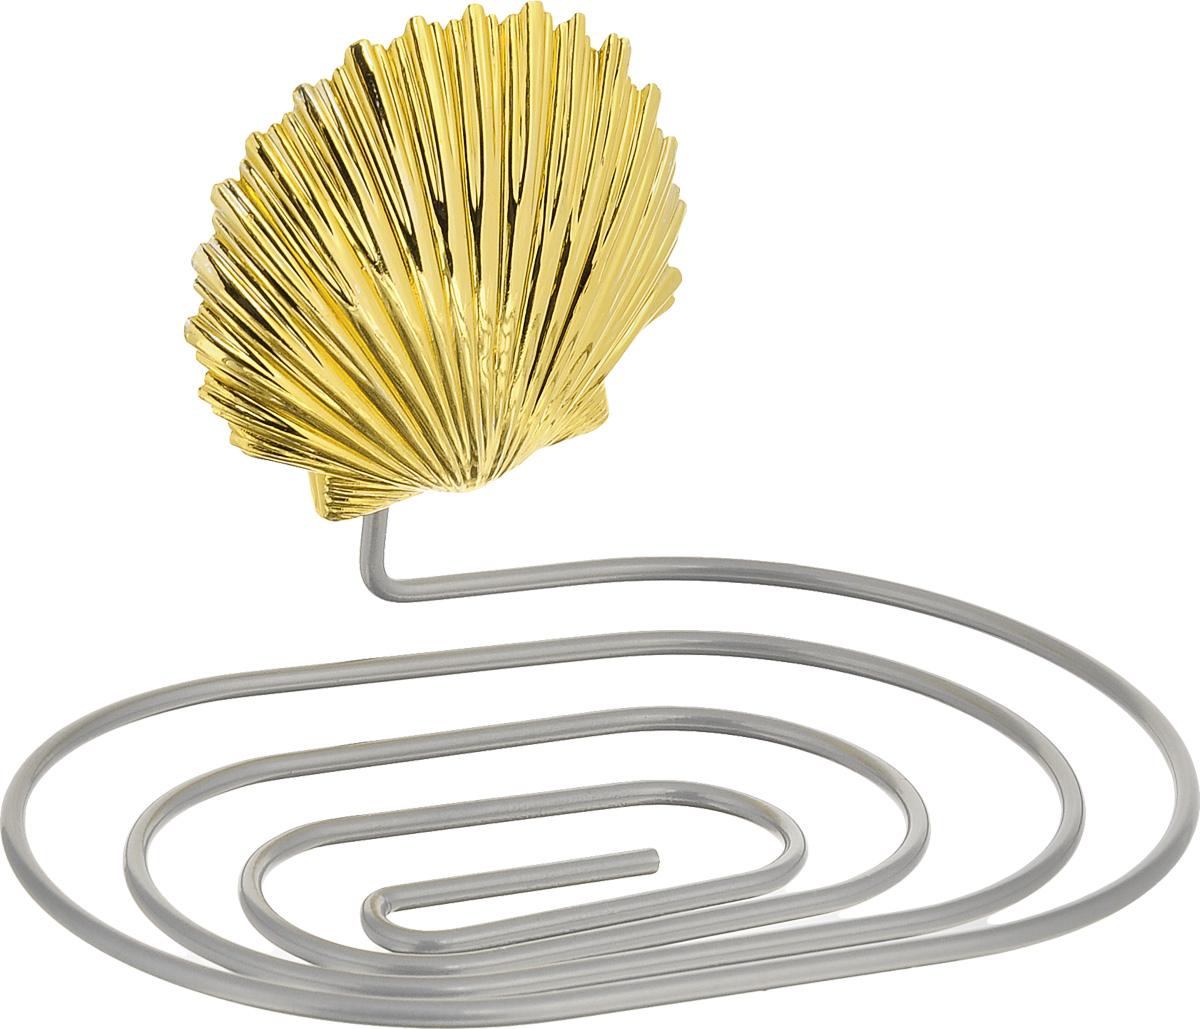 Мыльница Fresh Code Море. Ракушка, на присоске, цвет: золотистый, 14 х 9,5 х 2 см56444_золотистая ракушкаМыльница Fresh Code Море. Ракушка выполнена из хромированной стали и украшена пластиковой фигуркой морской ракушки. Изделие крепится к стене при помощи присоски. Такая мыльница прекрасно подойдет для ванной комнаты или кухни.